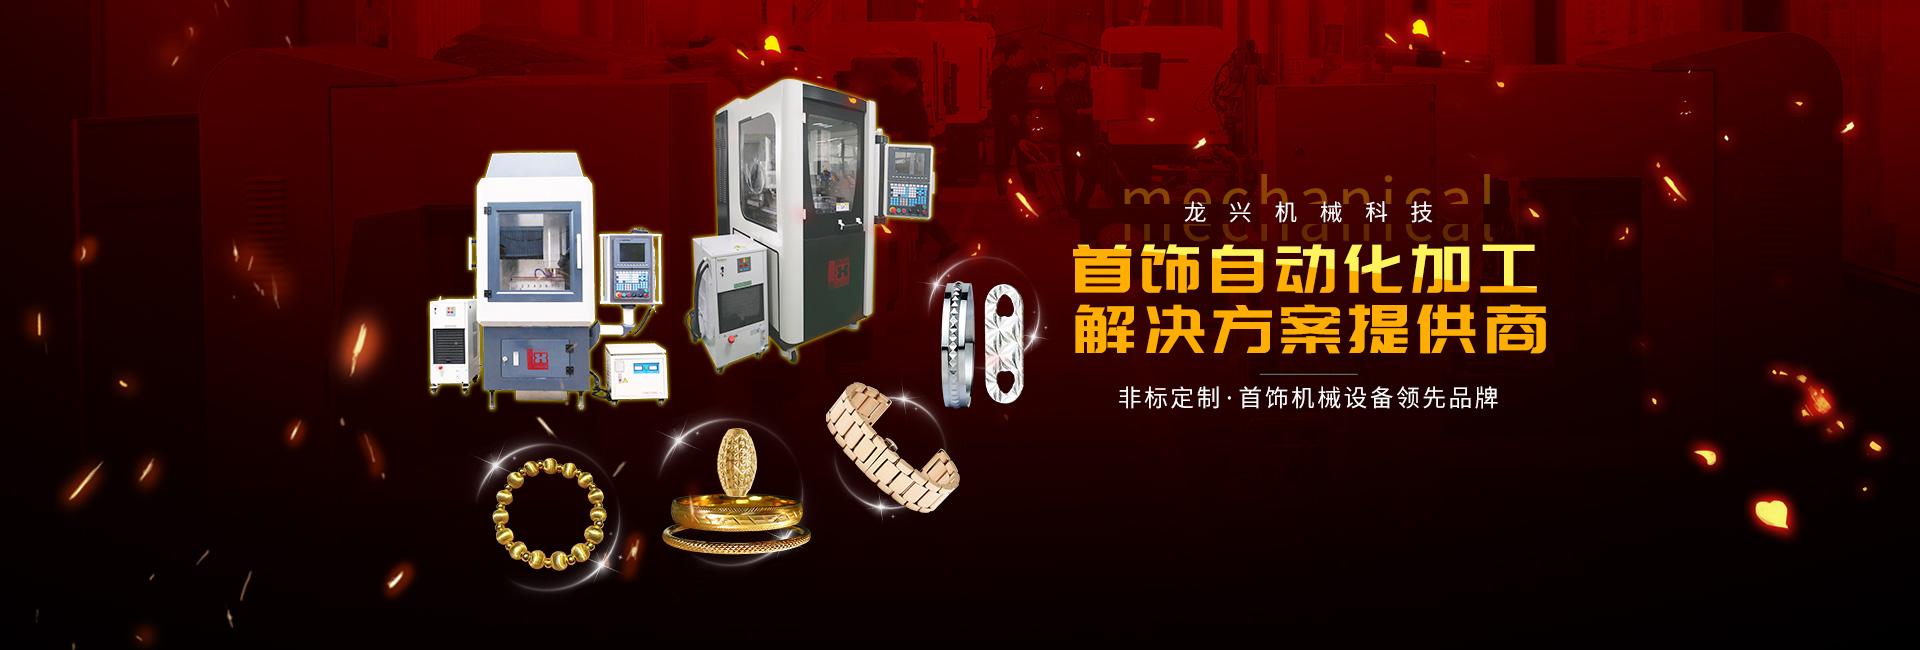 深圳市龙兴机械科技有限公司